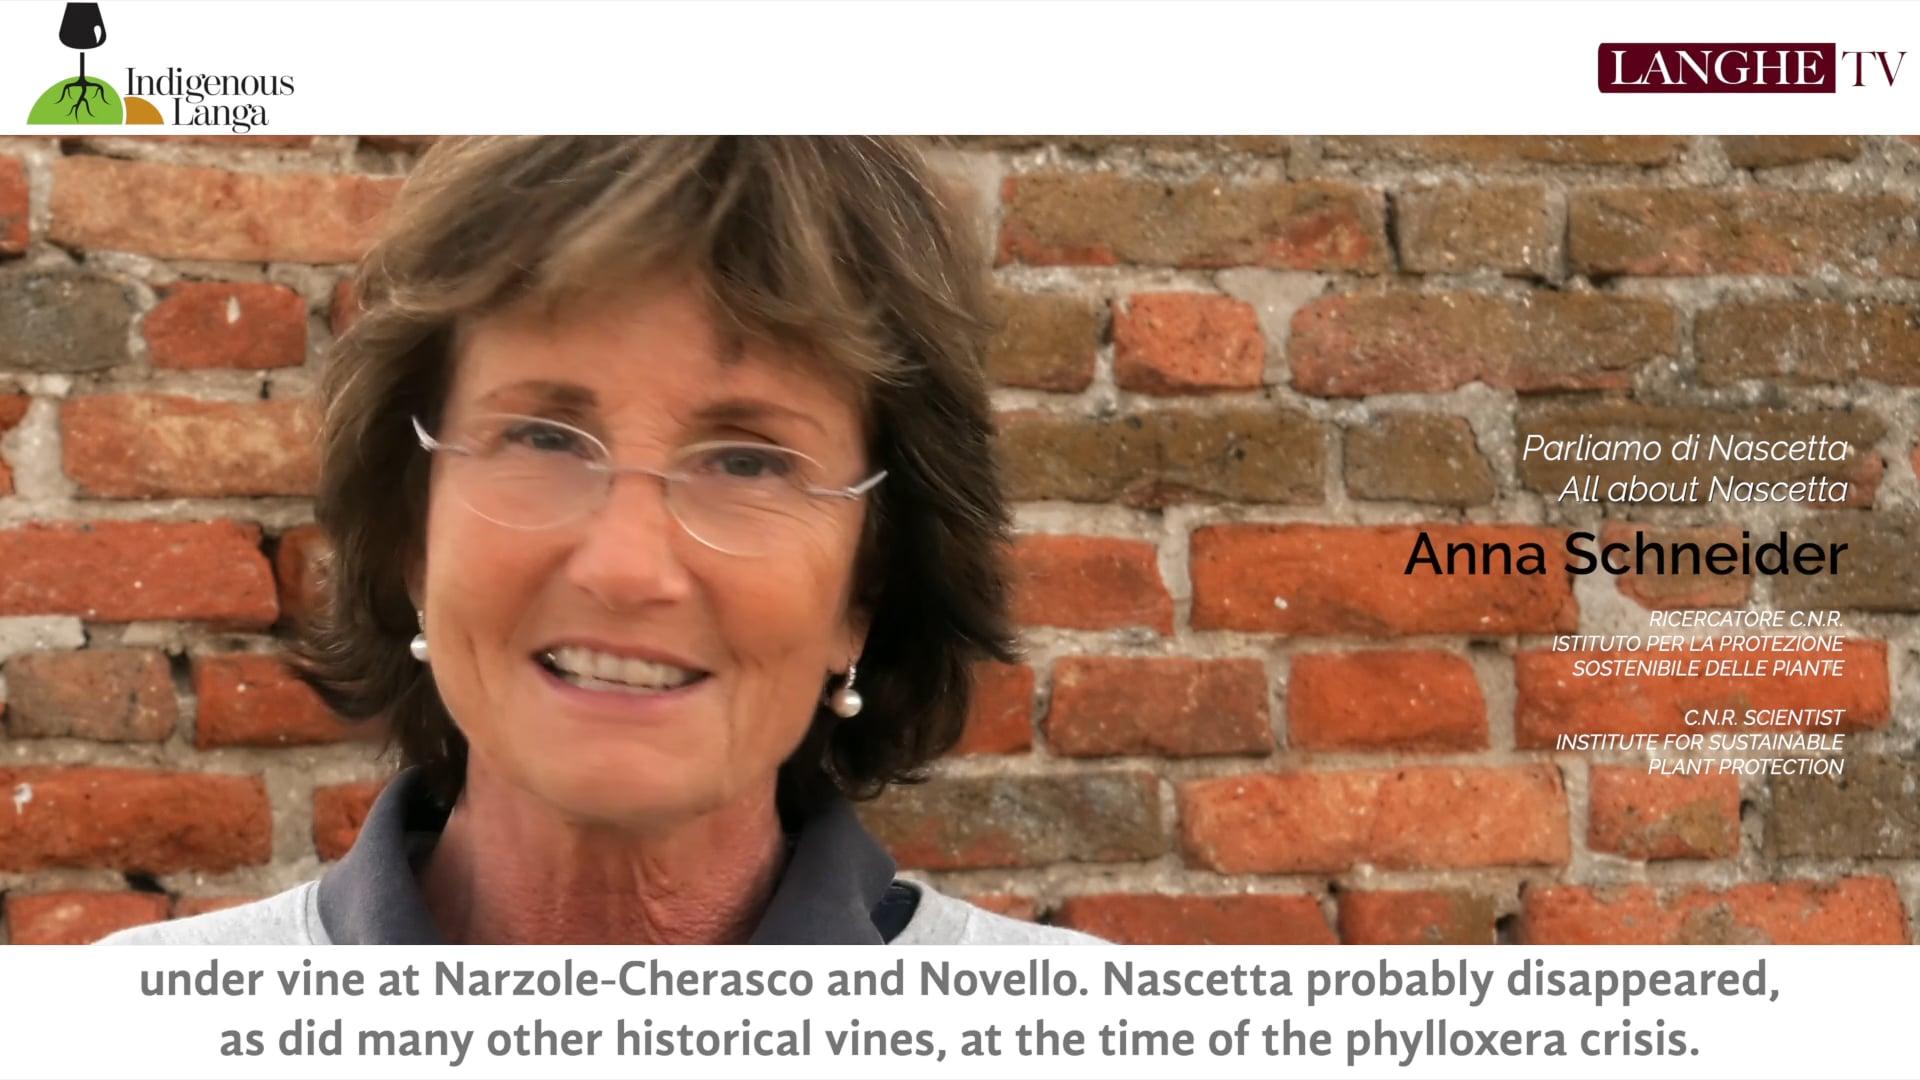 Parliamo di Nascetta con Anna Schneider | Let's Talk About Nascetta with Anna Schneider